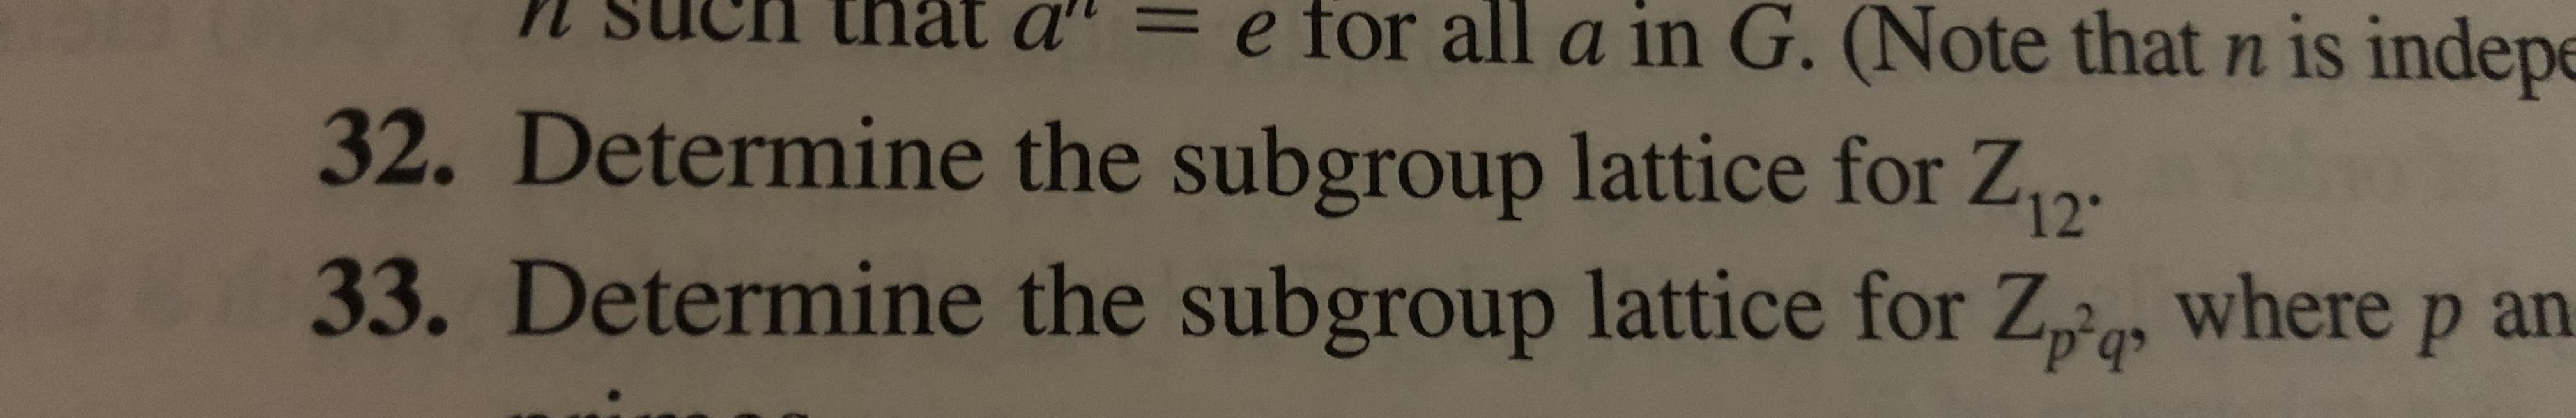 e for all a in G. (Note that n is indep tnat a 32. Determine the subgroup lattice for Z 33. Determine the subgroup lattice for Za where p an